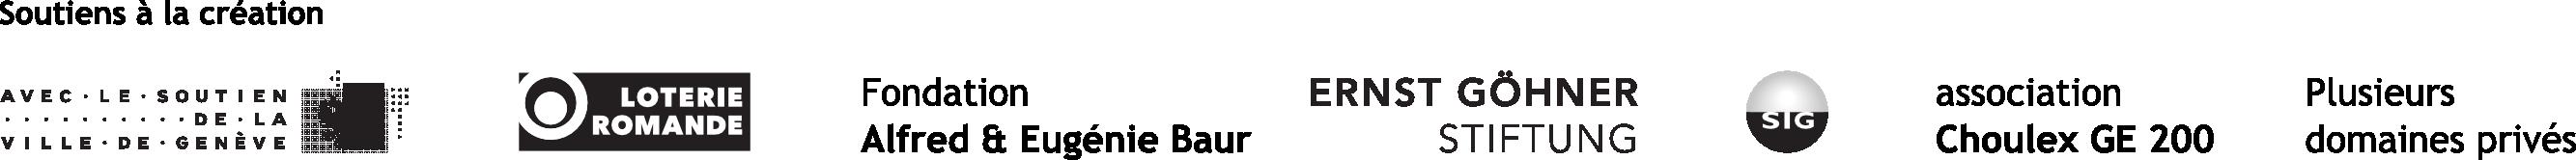 logos des Soutiens réguliers à autrement-aujourd'hui, association